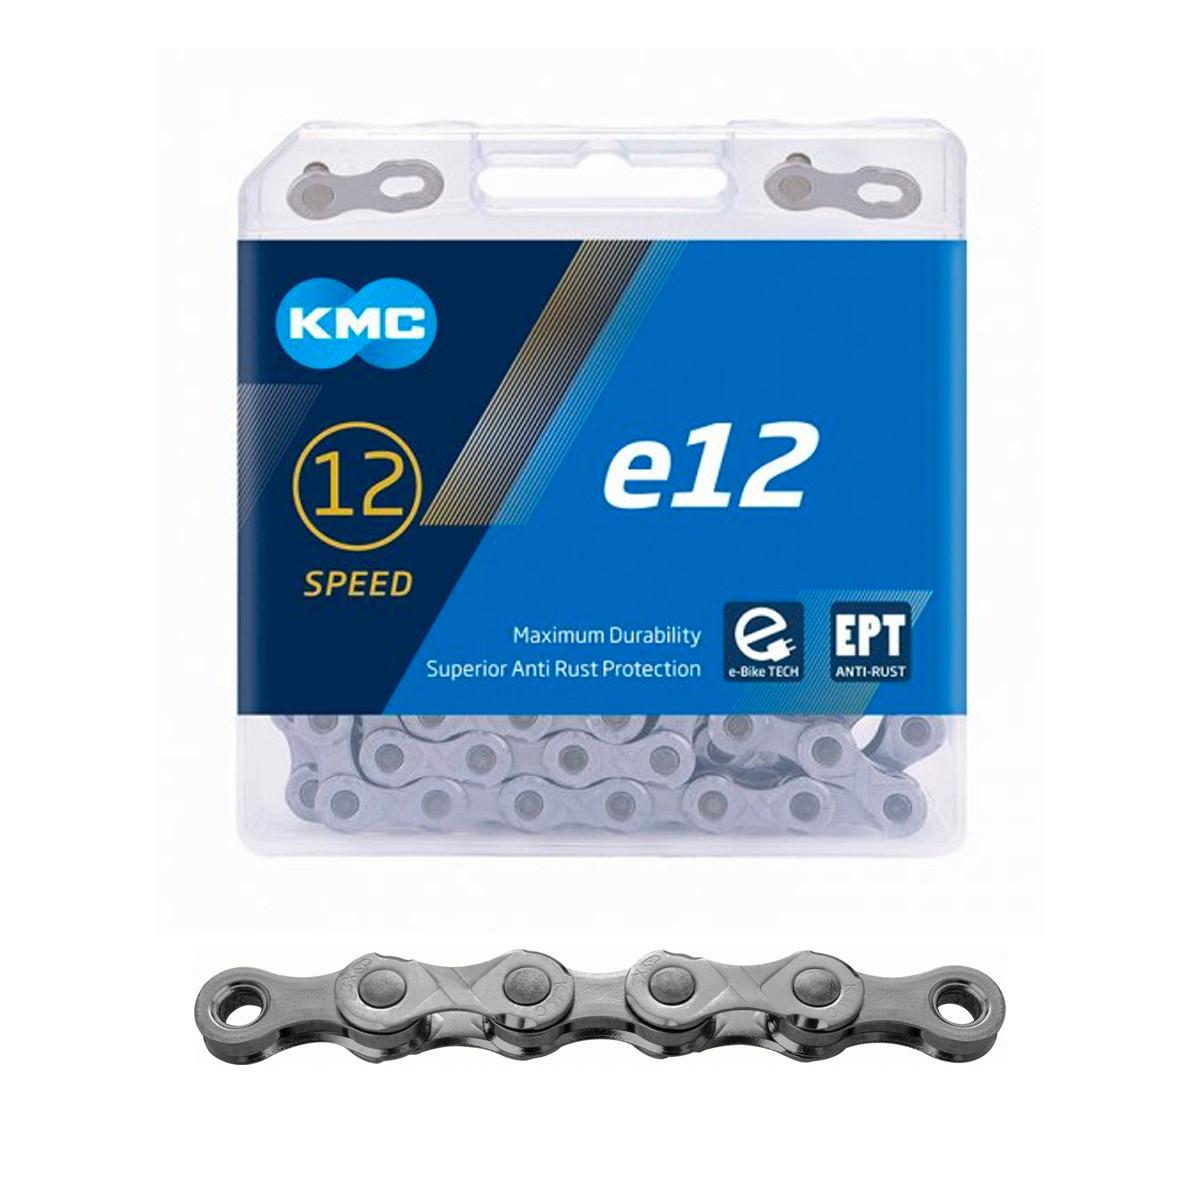 """Ketju 12-v KMC e12 EPT, 1/2 x 11/128"""", E-Bike, 130L, Anti Rust"""